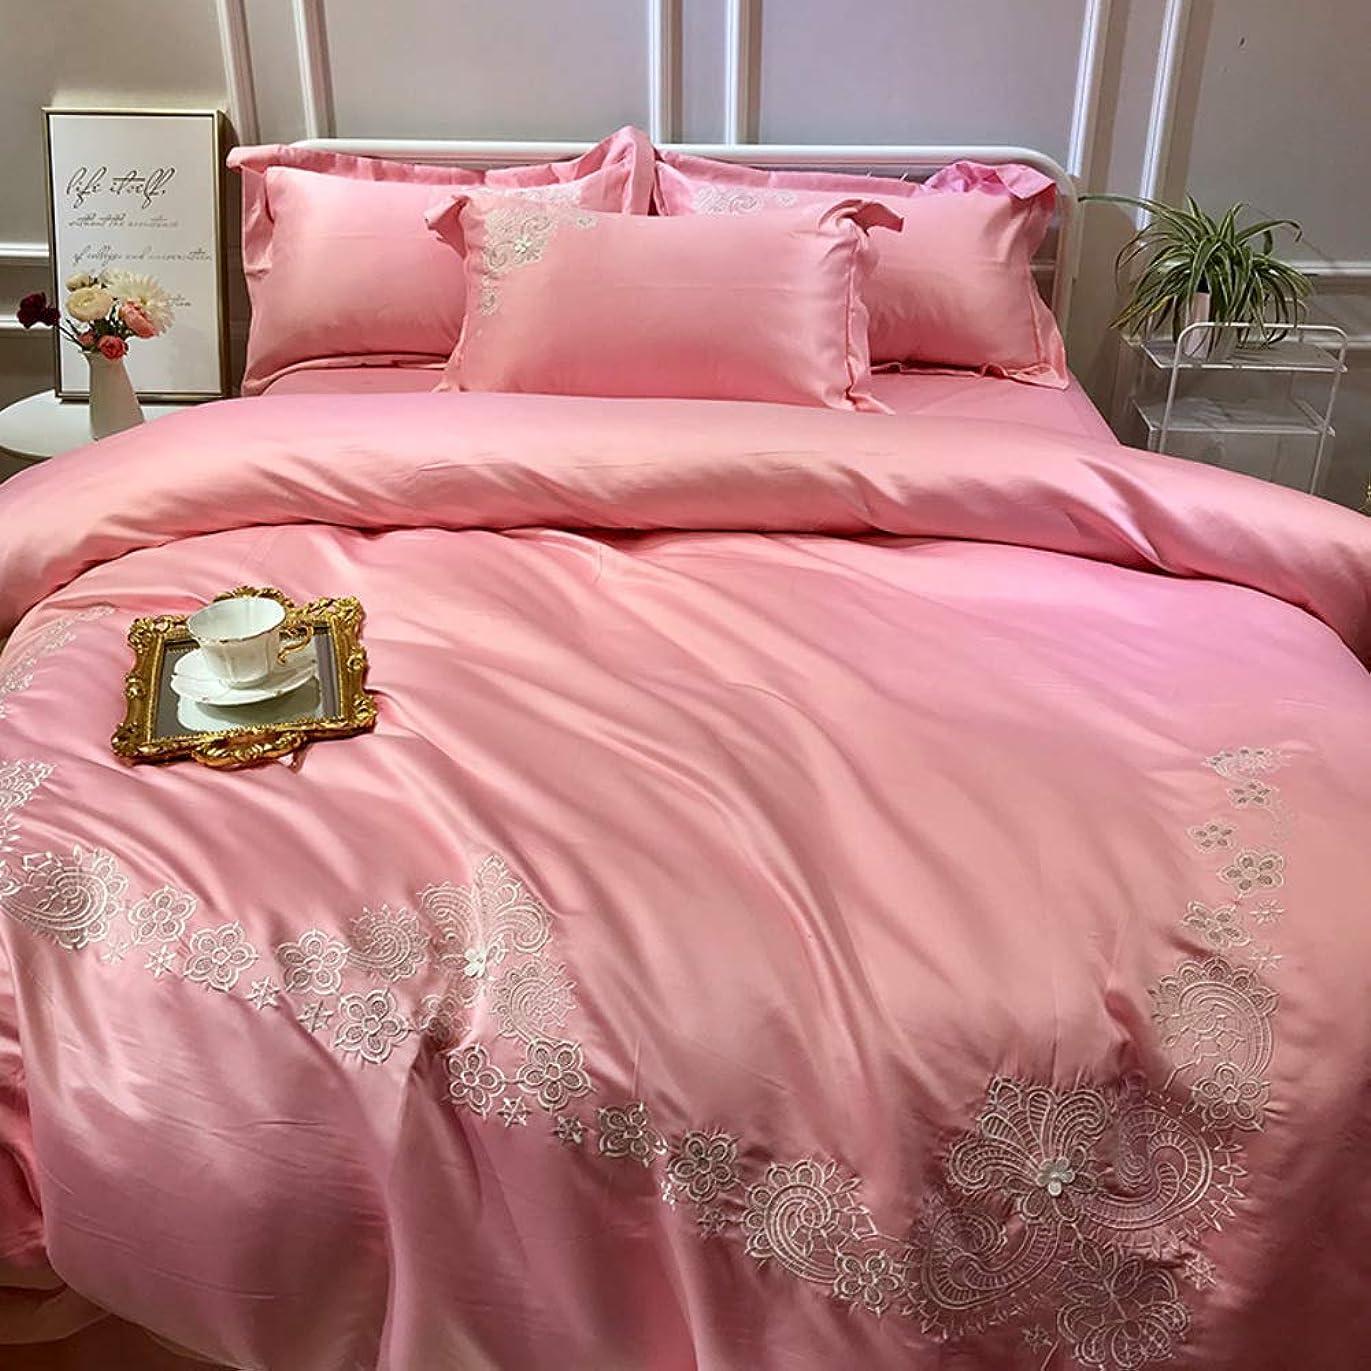 精通したブローホール似ている高級 サテンシルク 寝具ベッド, 高級 4 ピース 100% スーパーソフト ファイバー セクシー 羽毛布団カバーセット シート 枕カバー-c